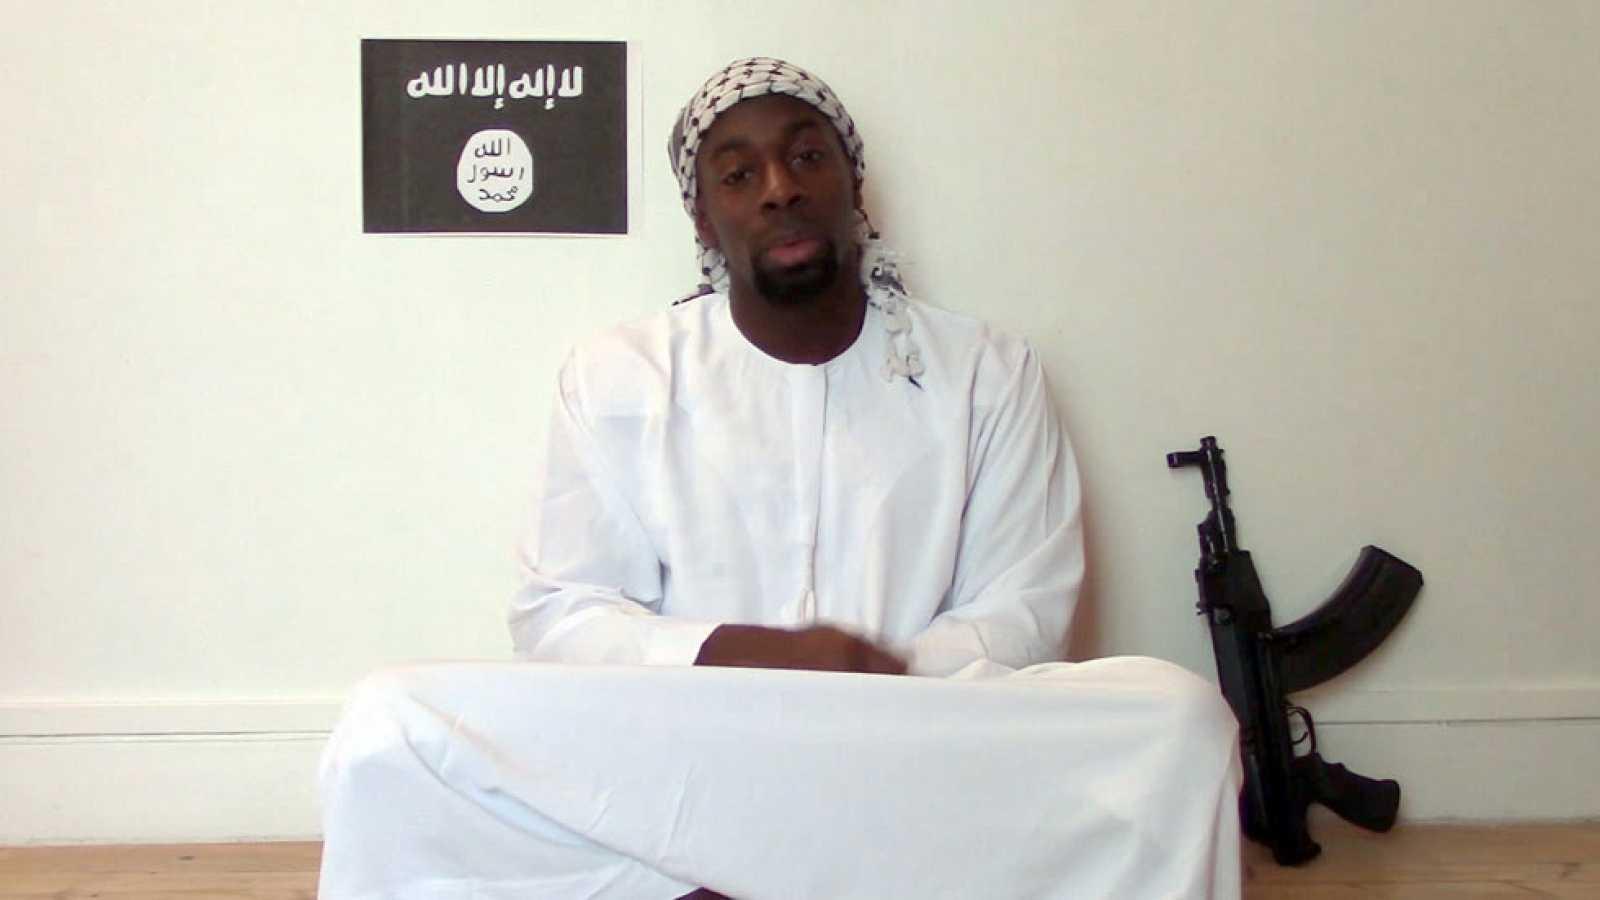 ¿Qué hizo en Madrid el yihadista Amedy Coulibaly?